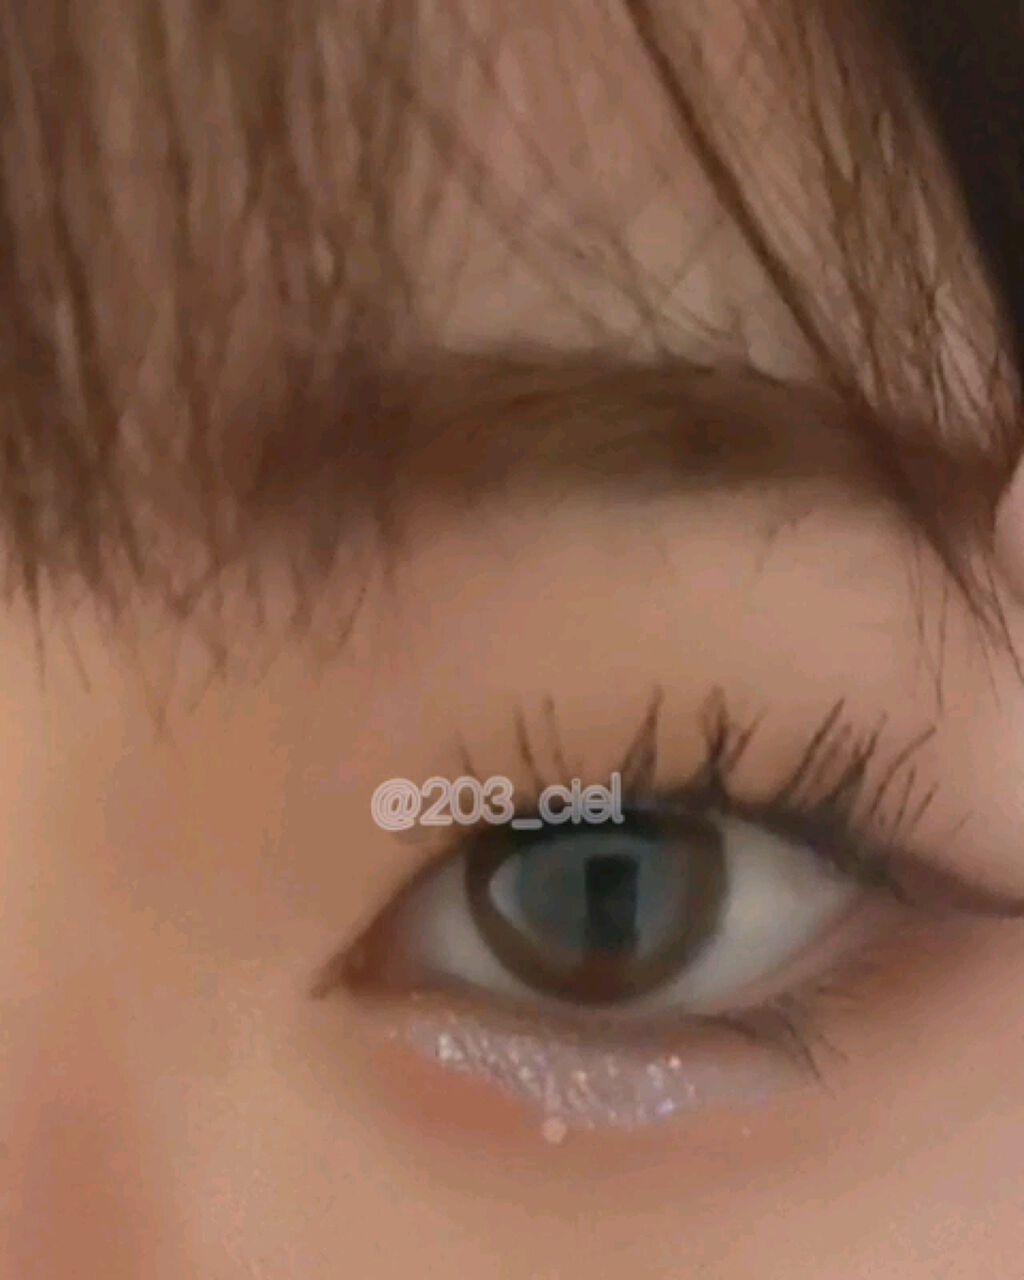 【動画付きクチコミ】\動画つき/目の大きさが変わる。浮腫取りマッサージ元々、目付きも悪く瞼が重い一重がコンプレックスで一時期はアイプチをして二重にしようと思った時もありましたが、周りから一重に見えないくらい目がパッチリしてるとよく言われていたので一重のま...